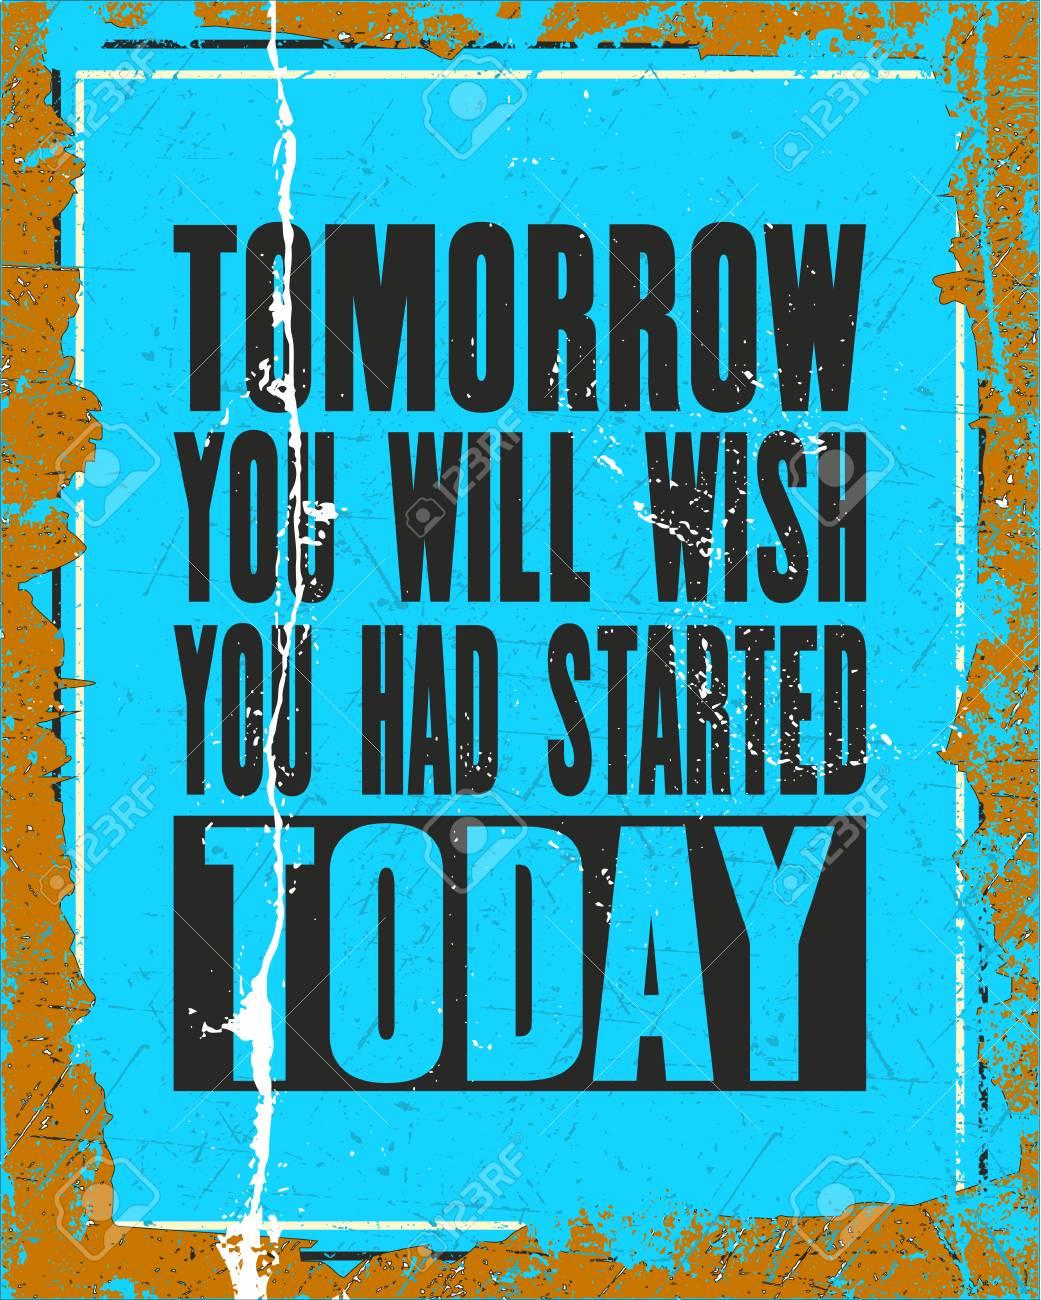 Que Vous Voudrez citation inspirante de motivation avec le texte demain vous voudrez